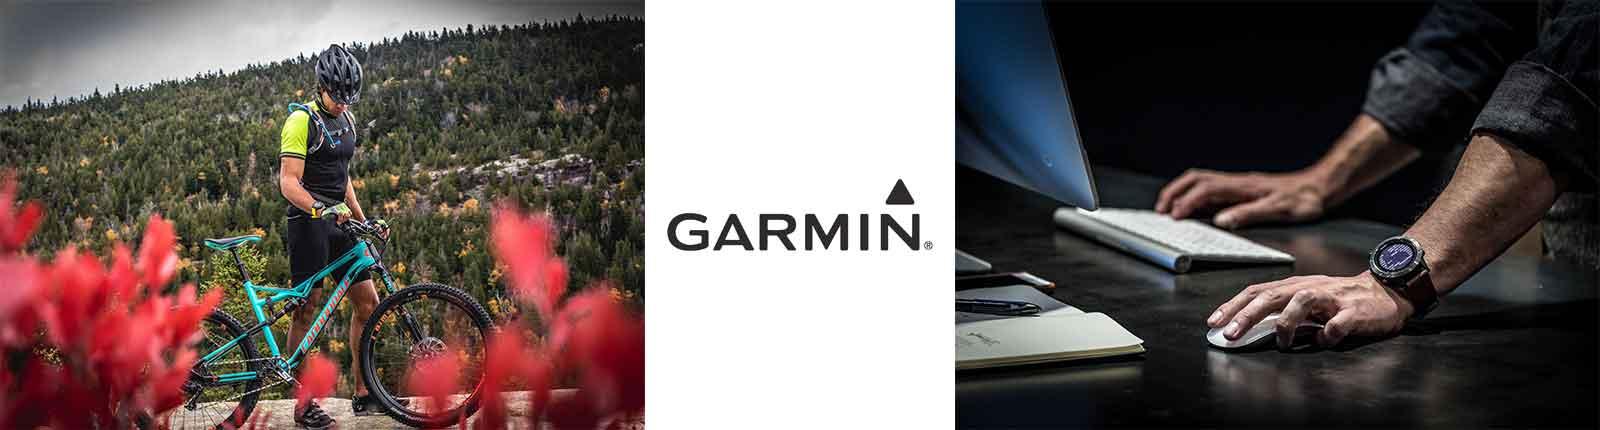 Banner-Garmin